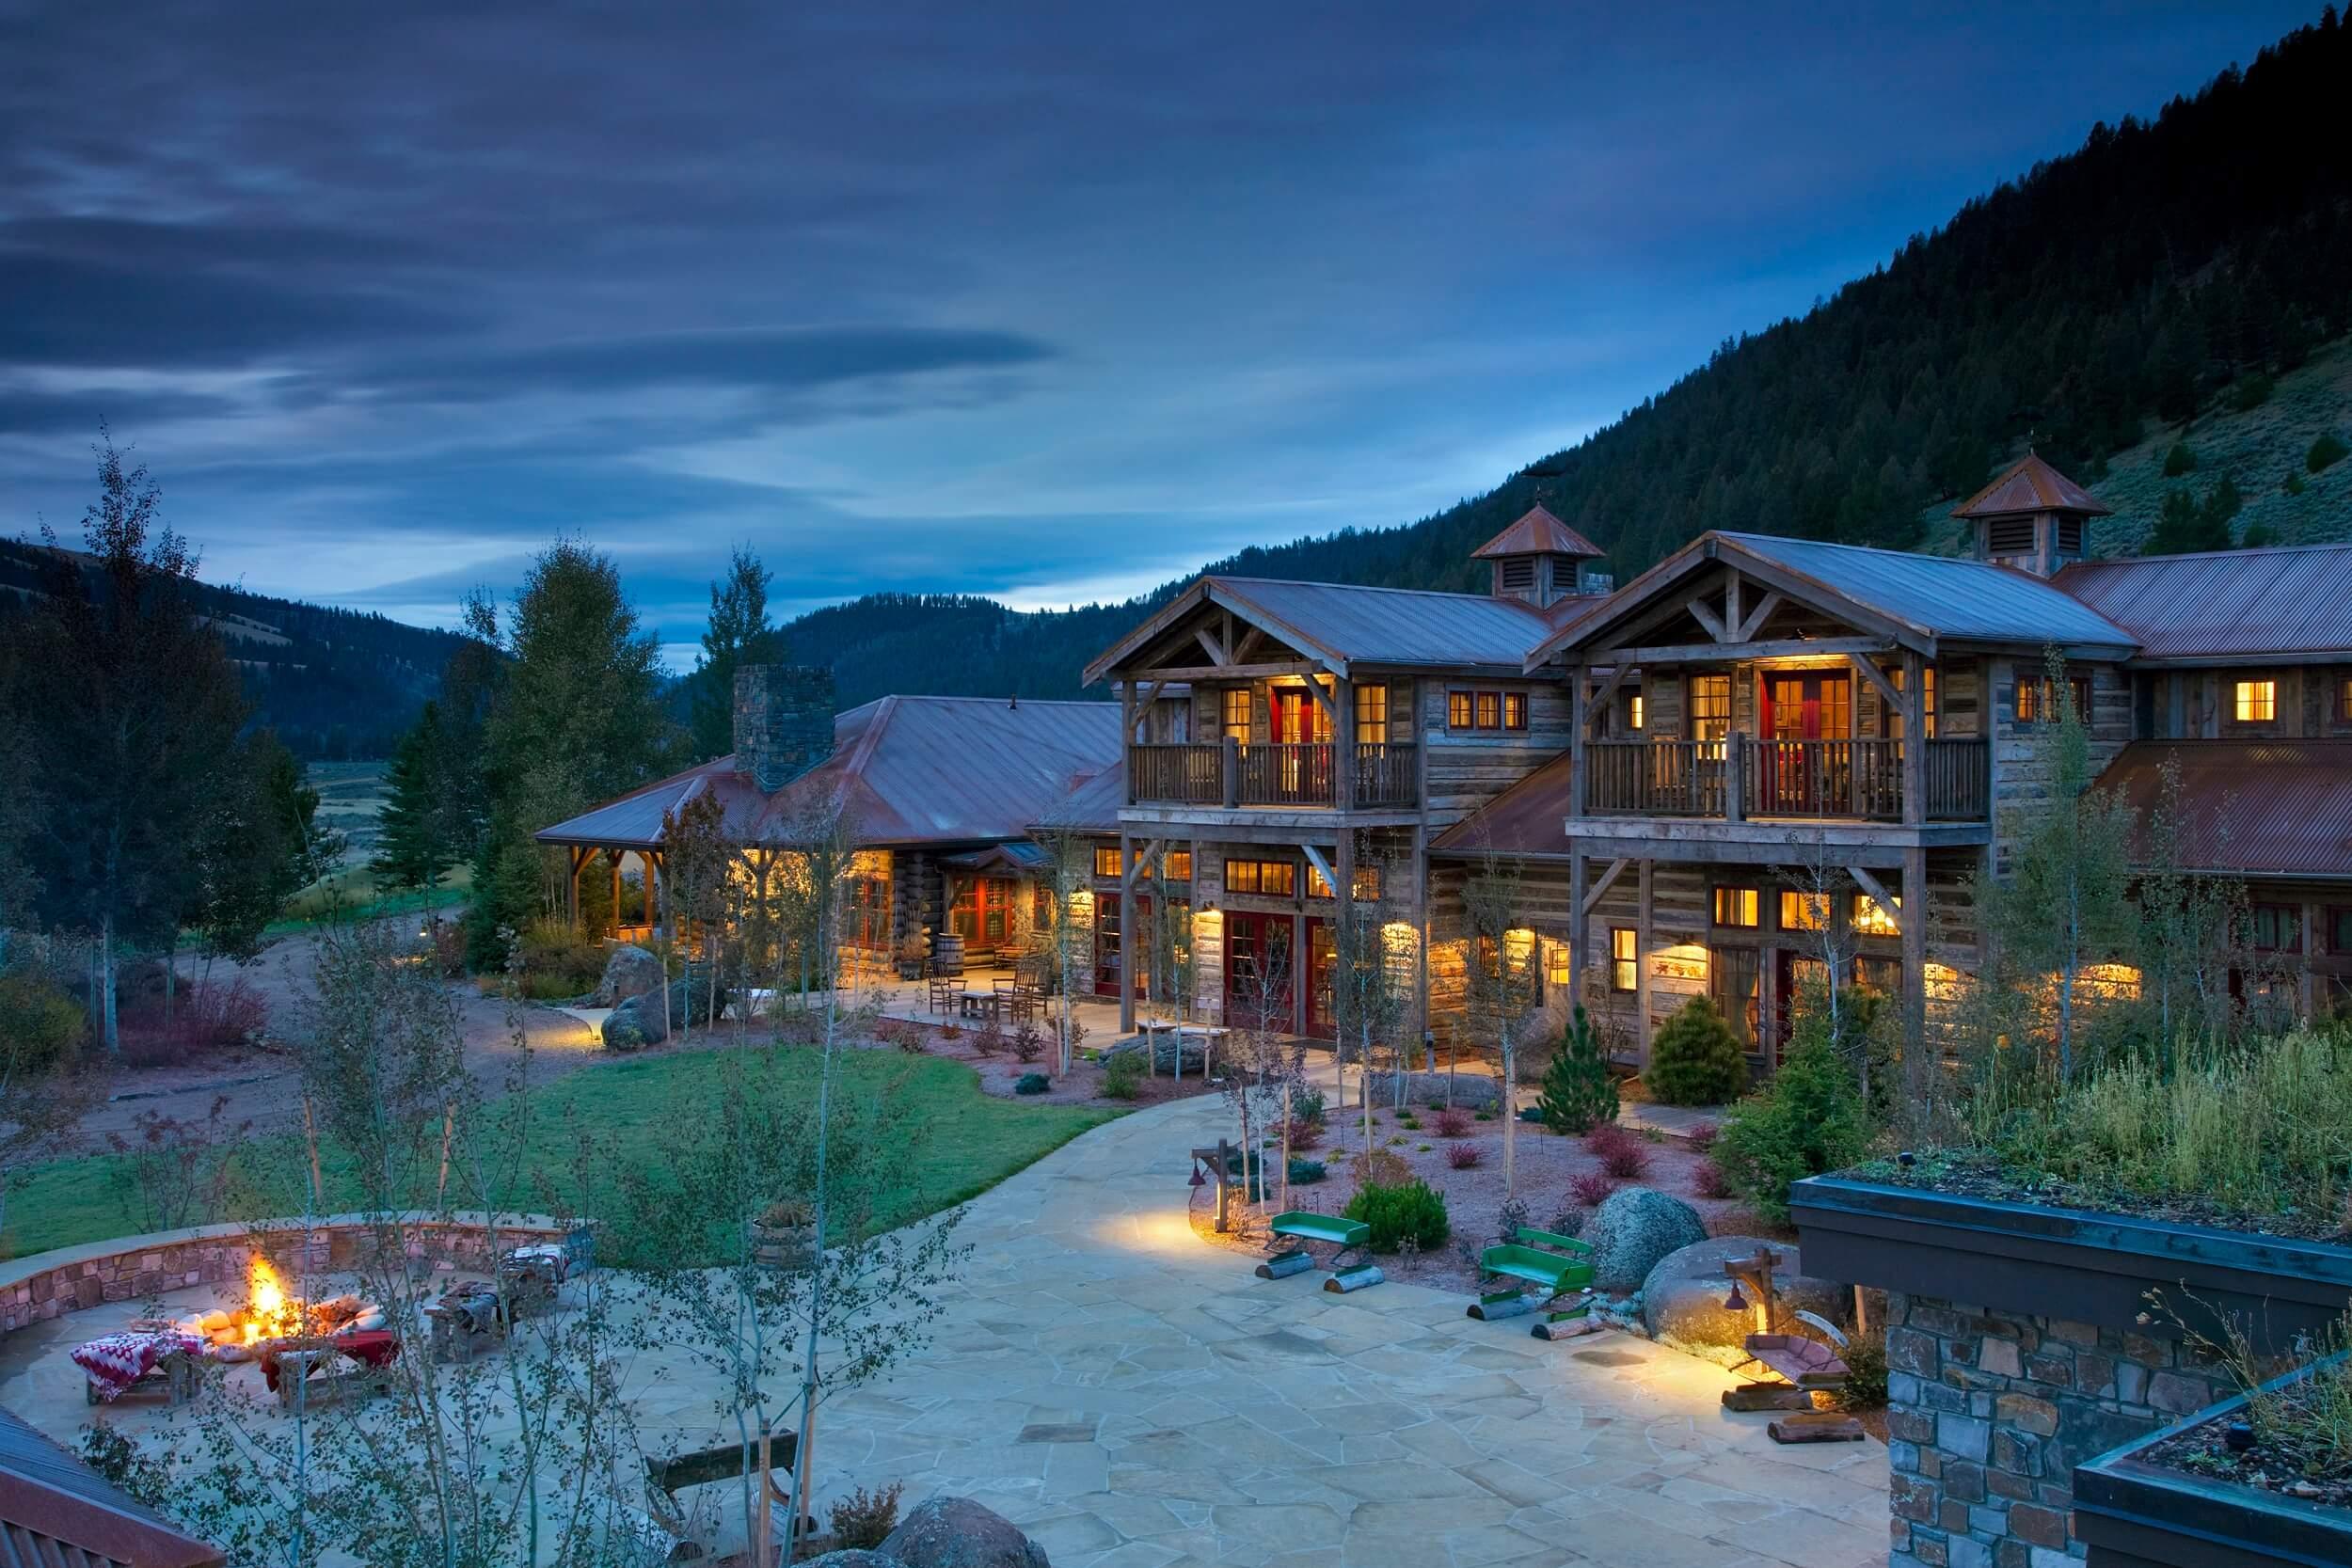 Photos credit: Ranch At Rock Creek